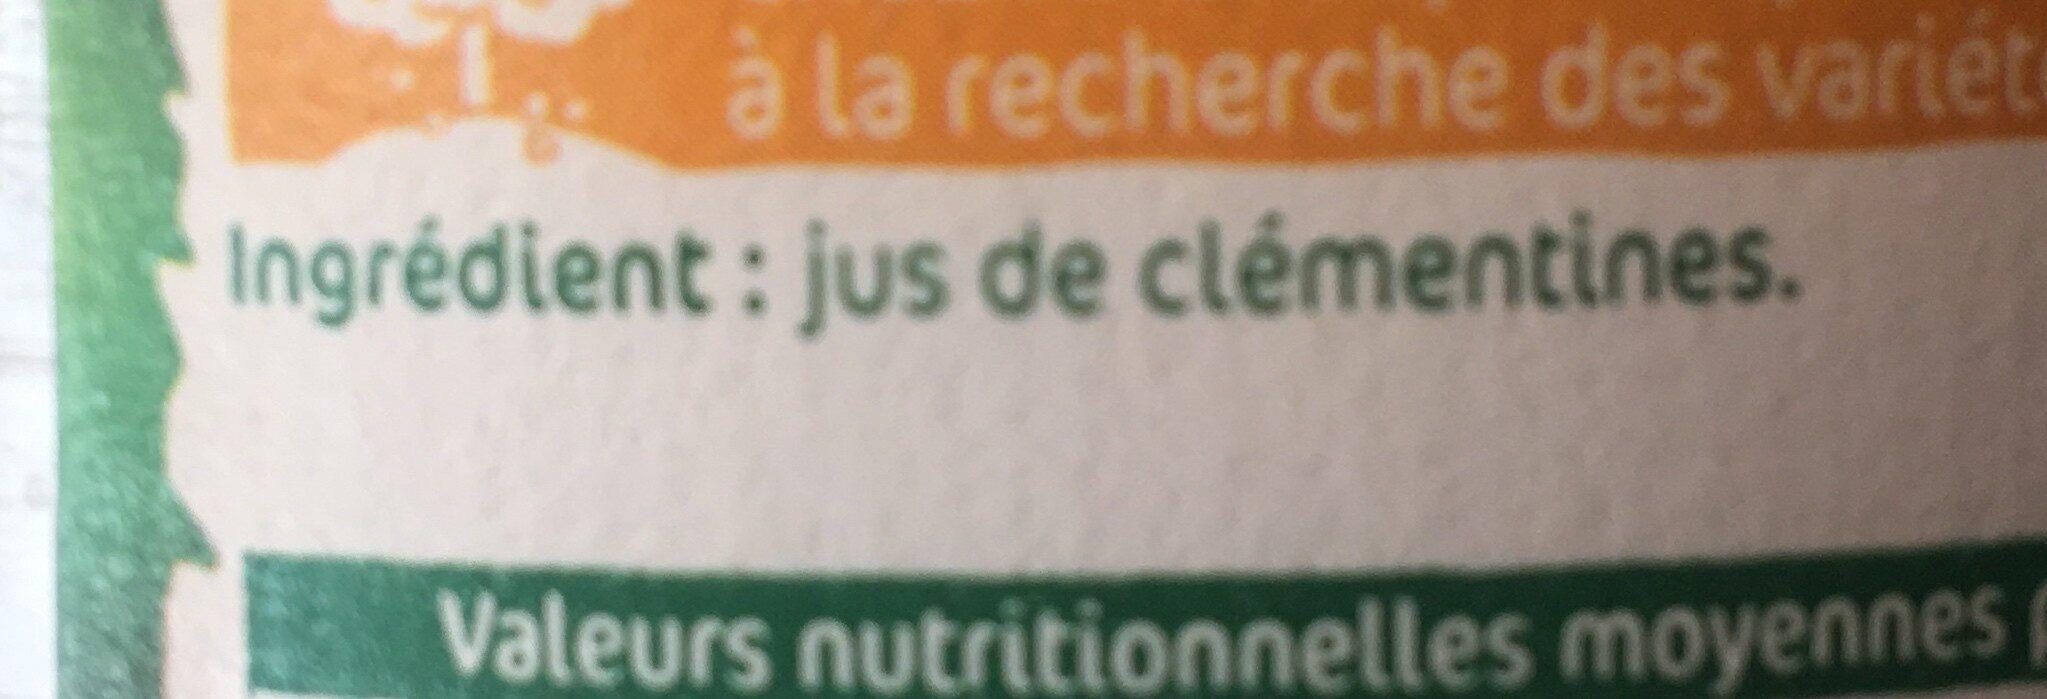 100% pur jus clémentines pressées - Ingrediënten